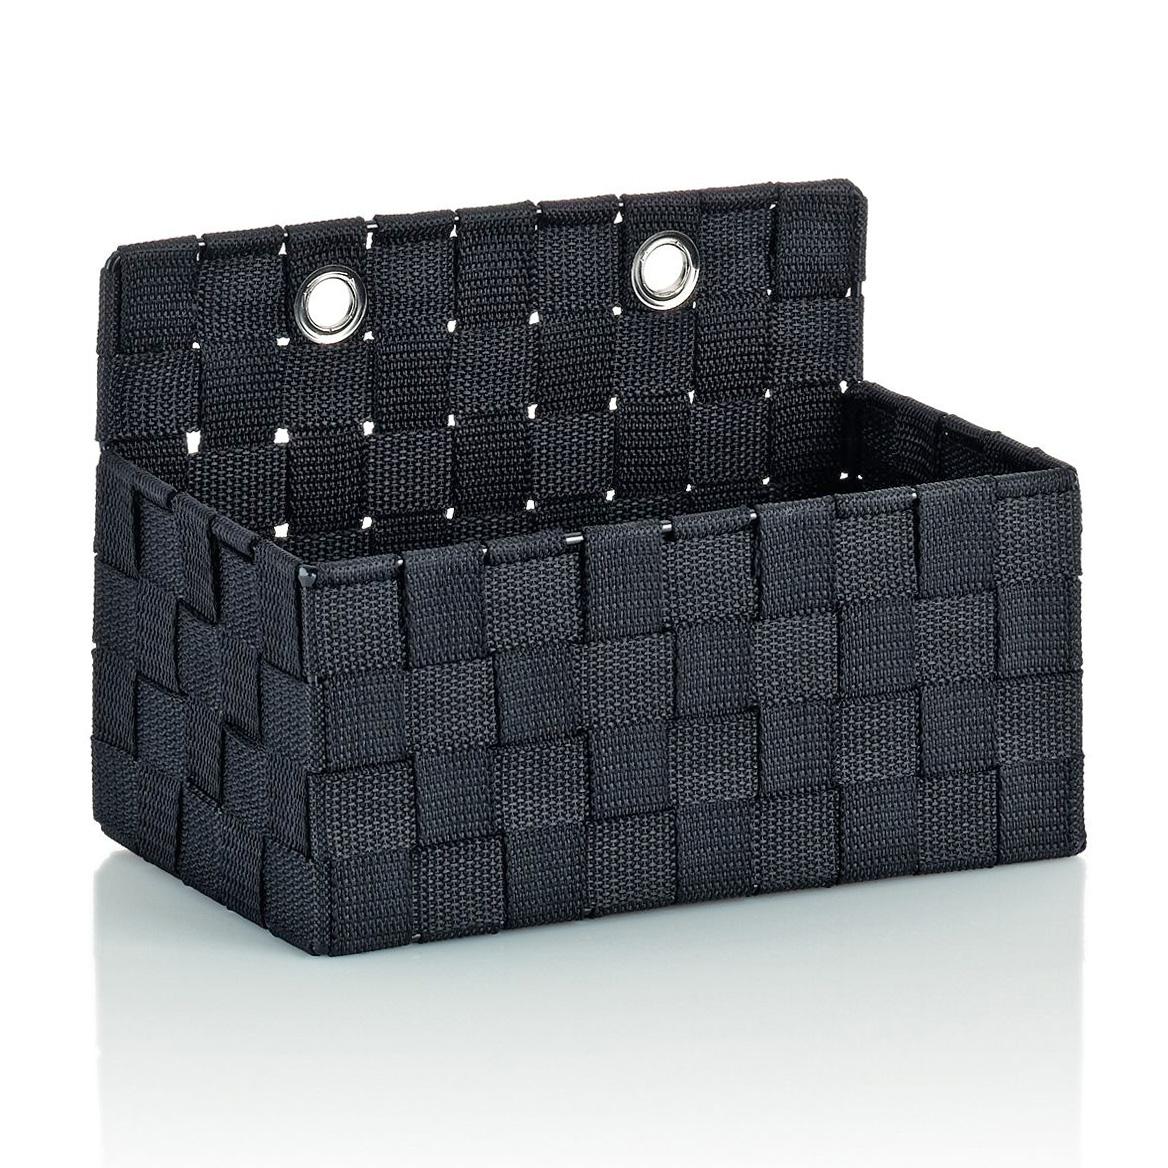 wandkorb duschkorb regalkorb ablage badkorb allzweckkorb. Black Bedroom Furniture Sets. Home Design Ideas